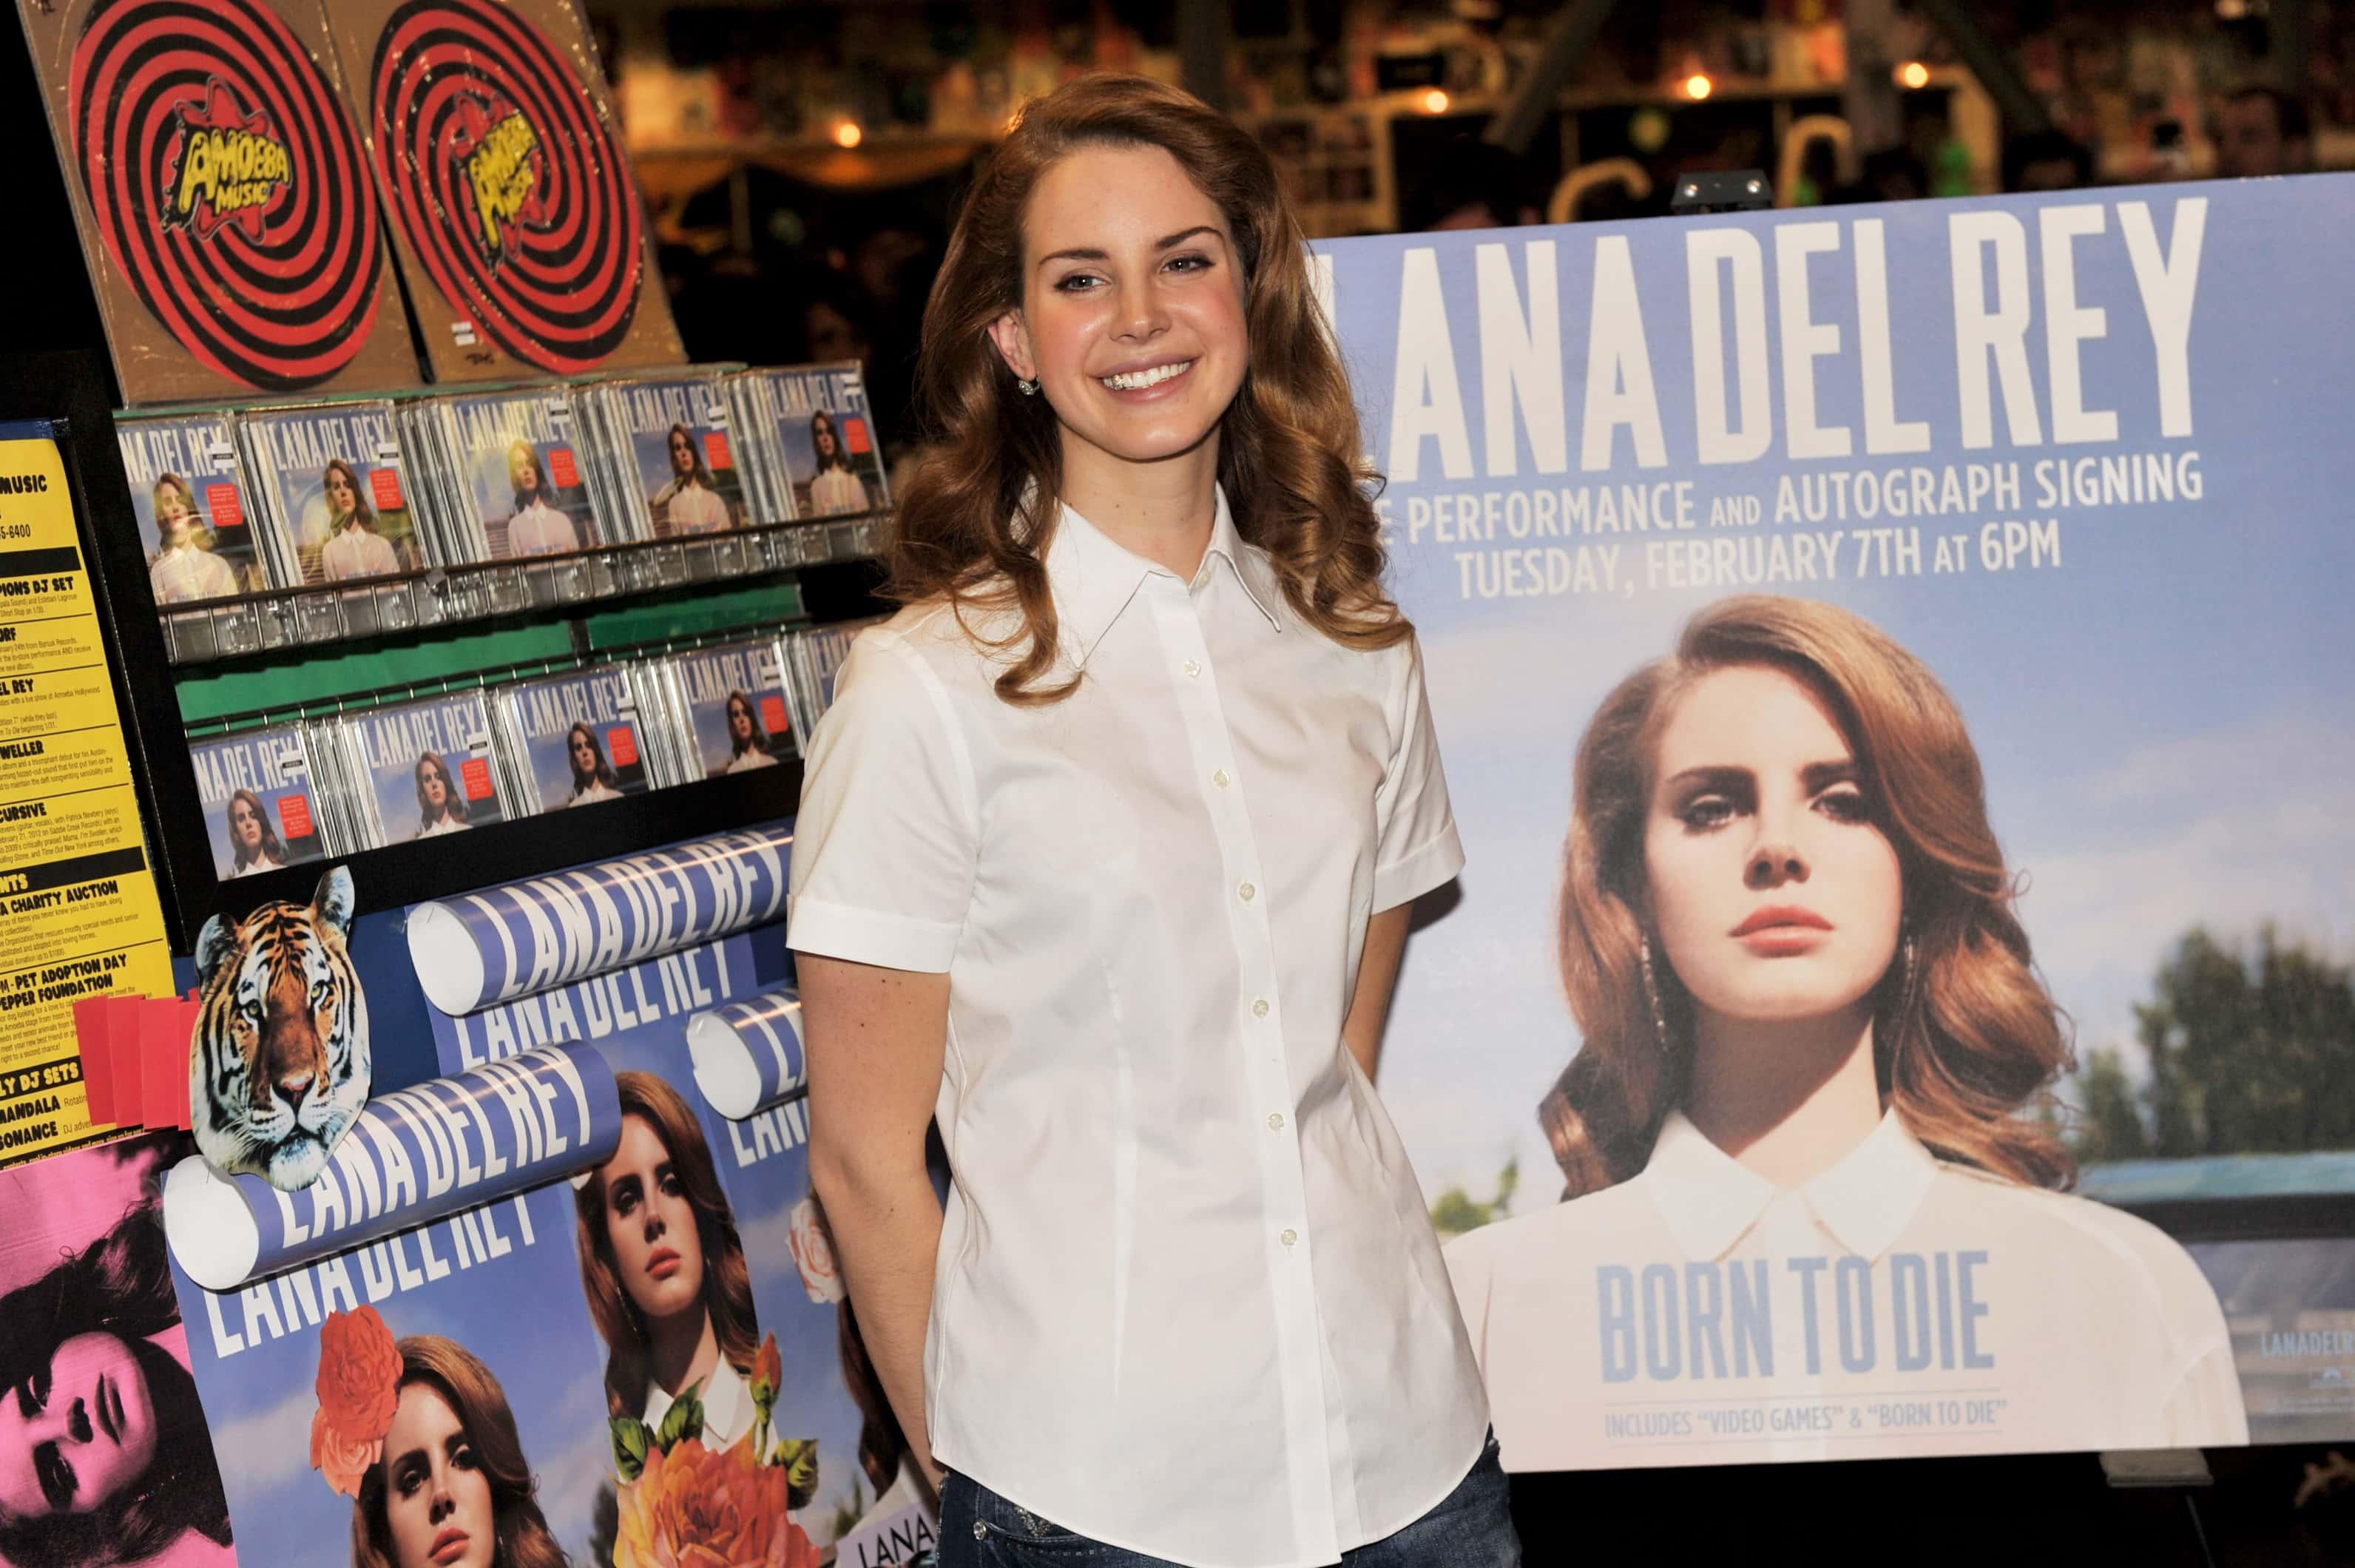 Lana Del Rey Facts